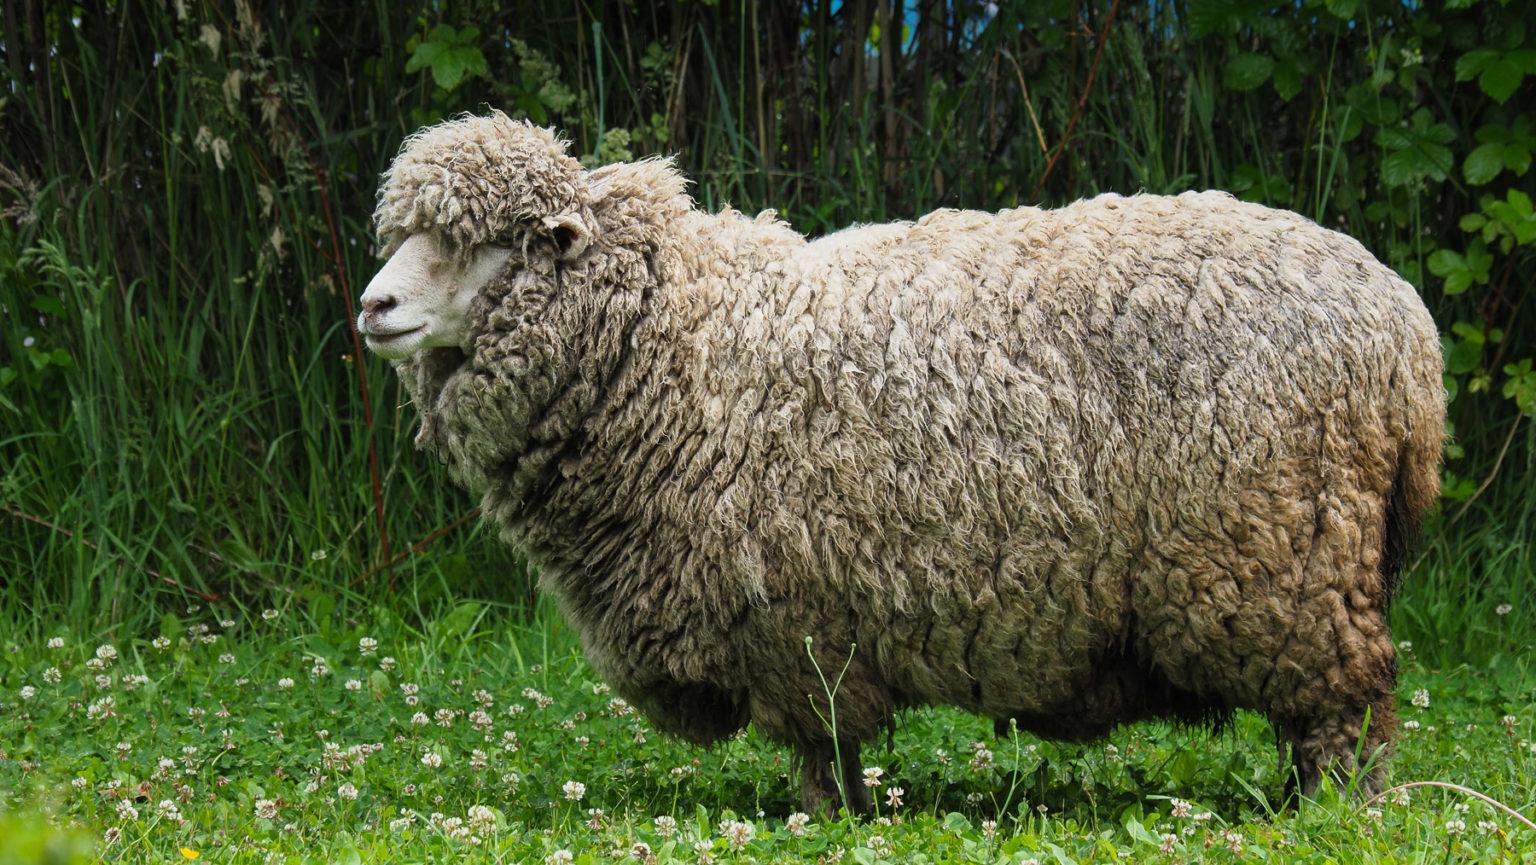 Wieviel kg Wolle wohl dieses Schaf trägt?